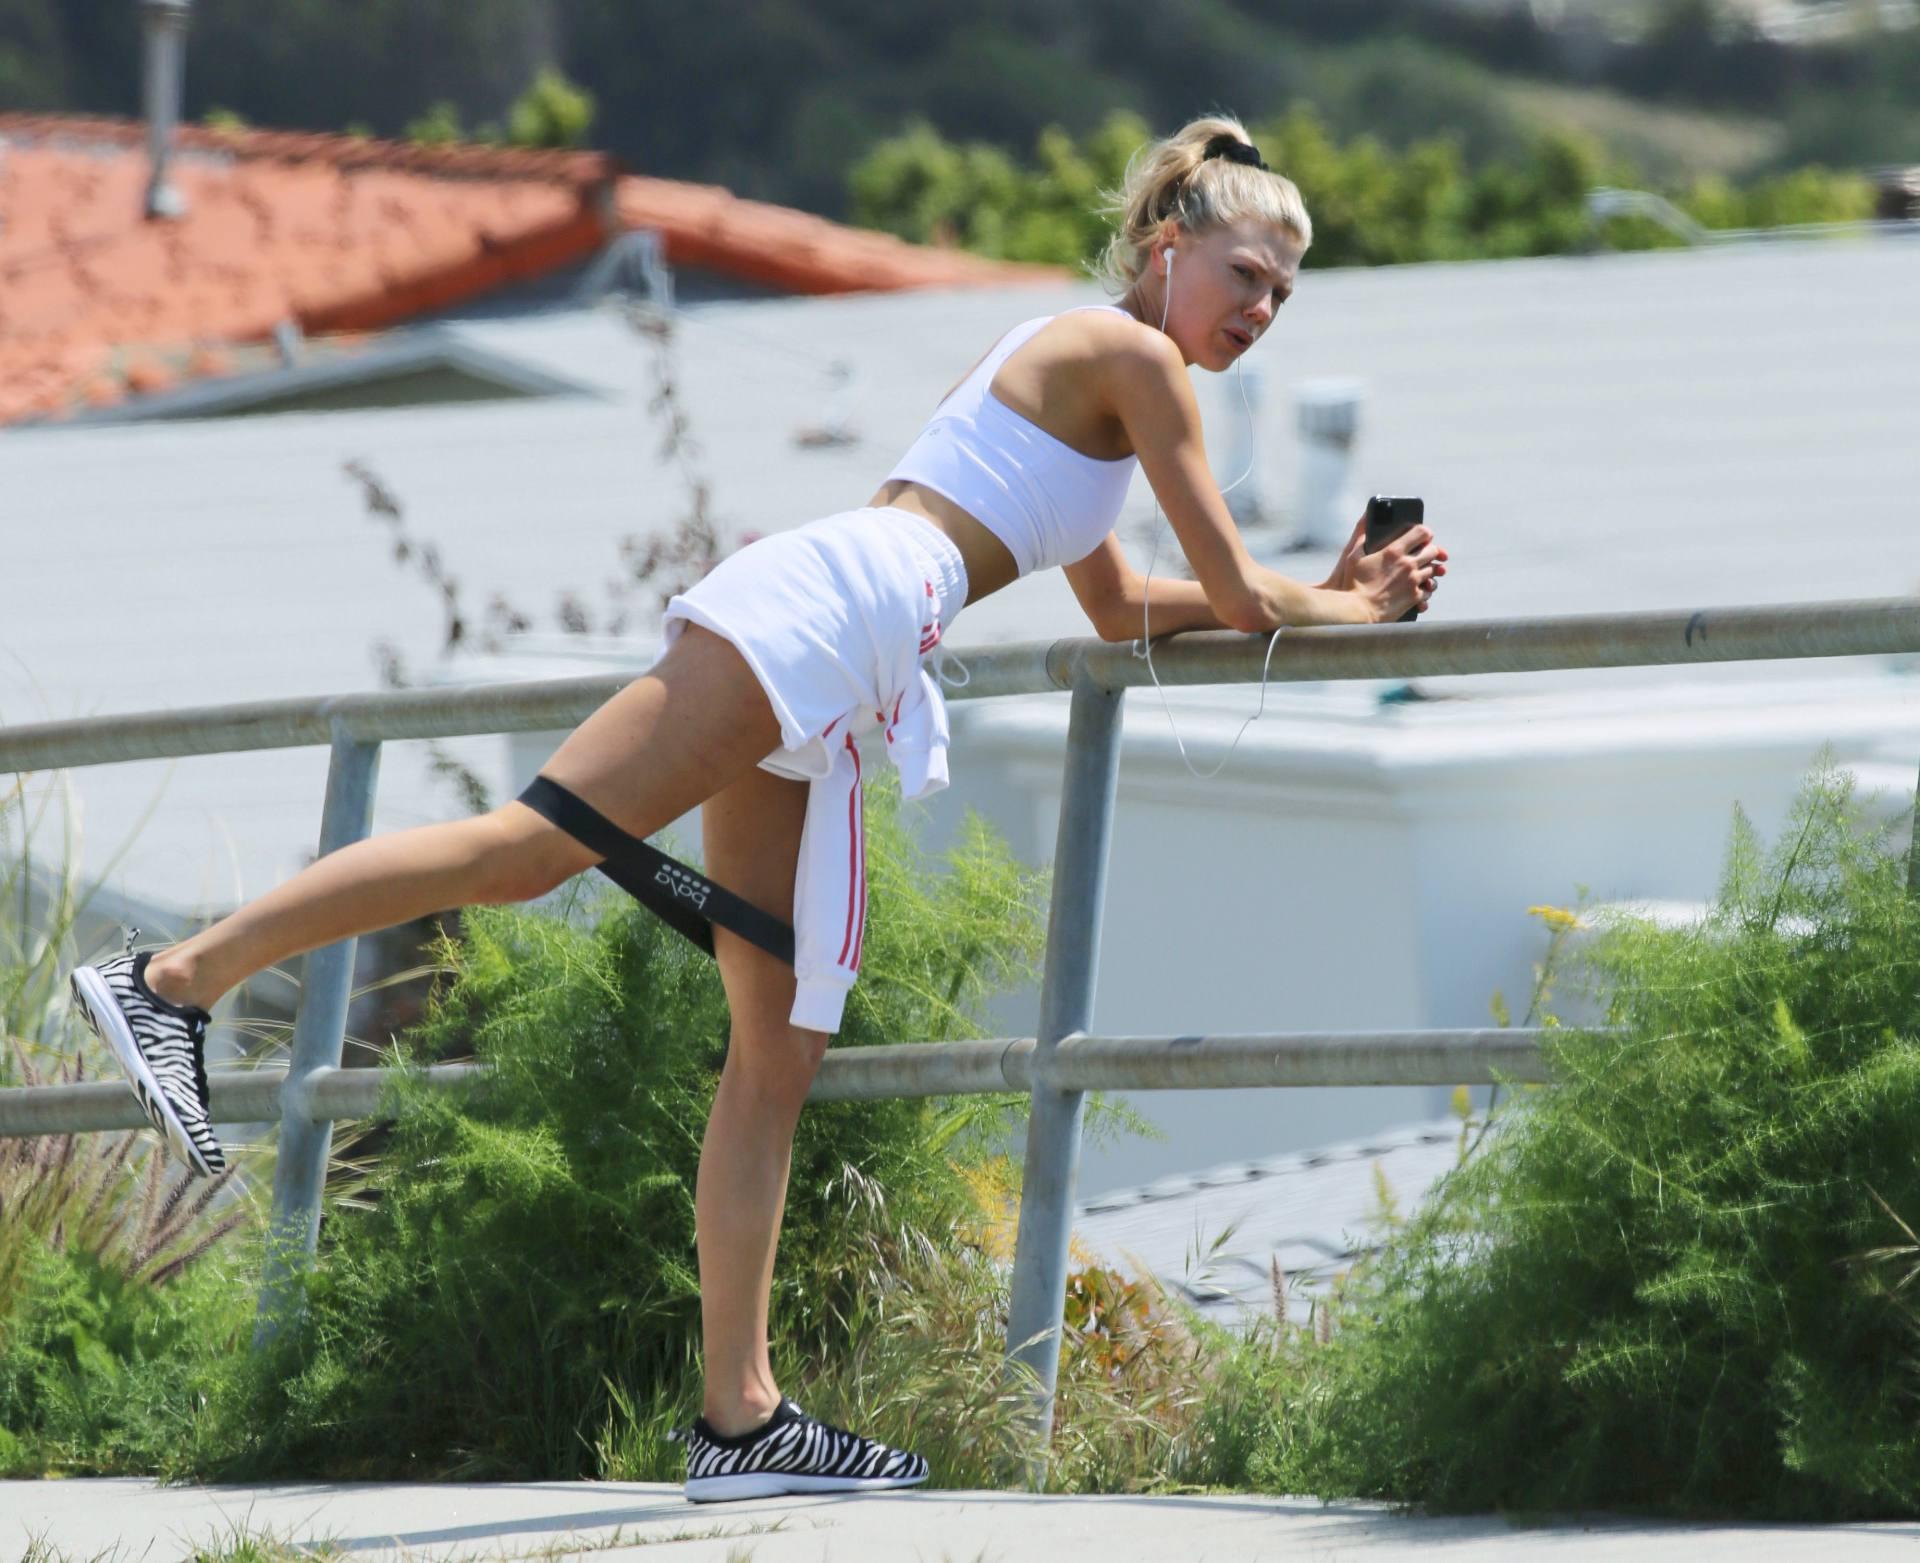 Charlotte Mckinney Hot Workout Pics